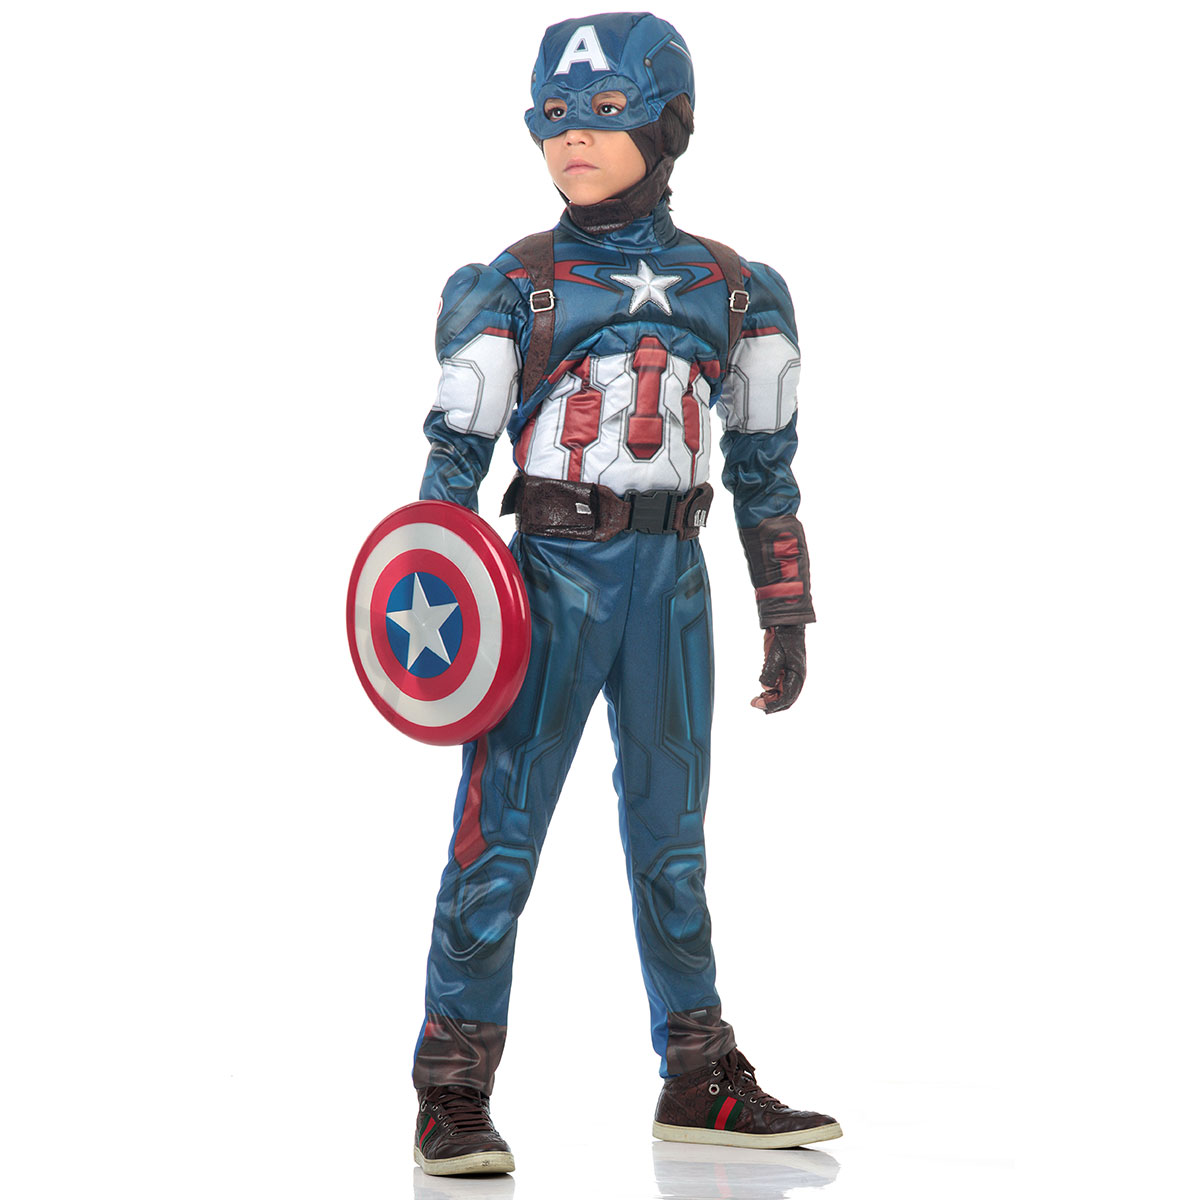 Fantasia Capitão América Infantil Excudo - Avengers - Abrakadabra